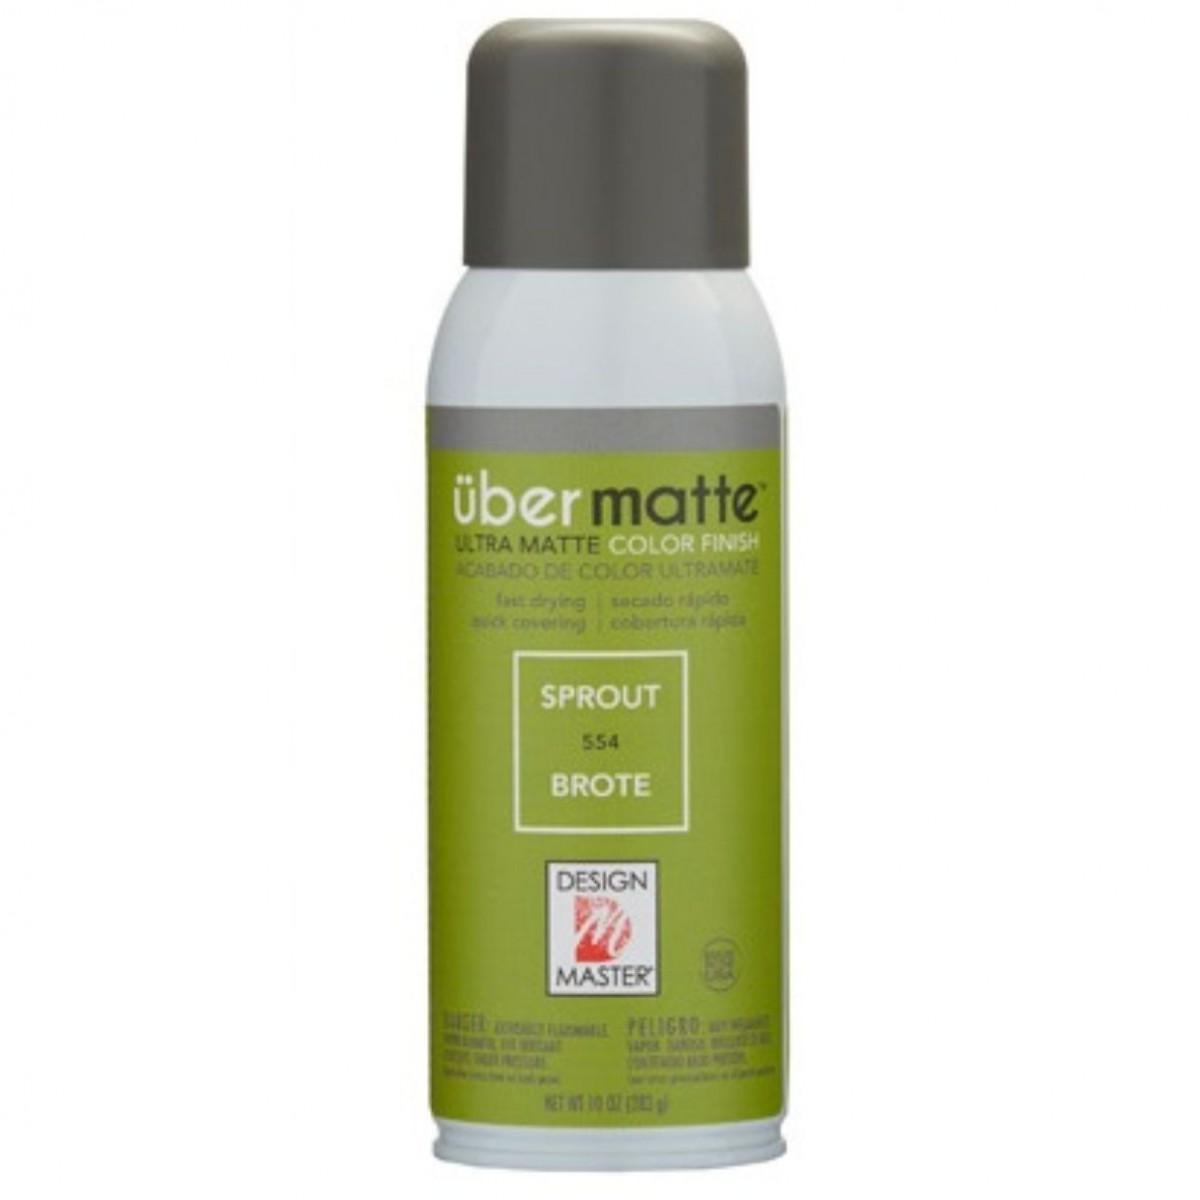 554 Sprout DM Ubermatt Colour Spray Paint - 1 No